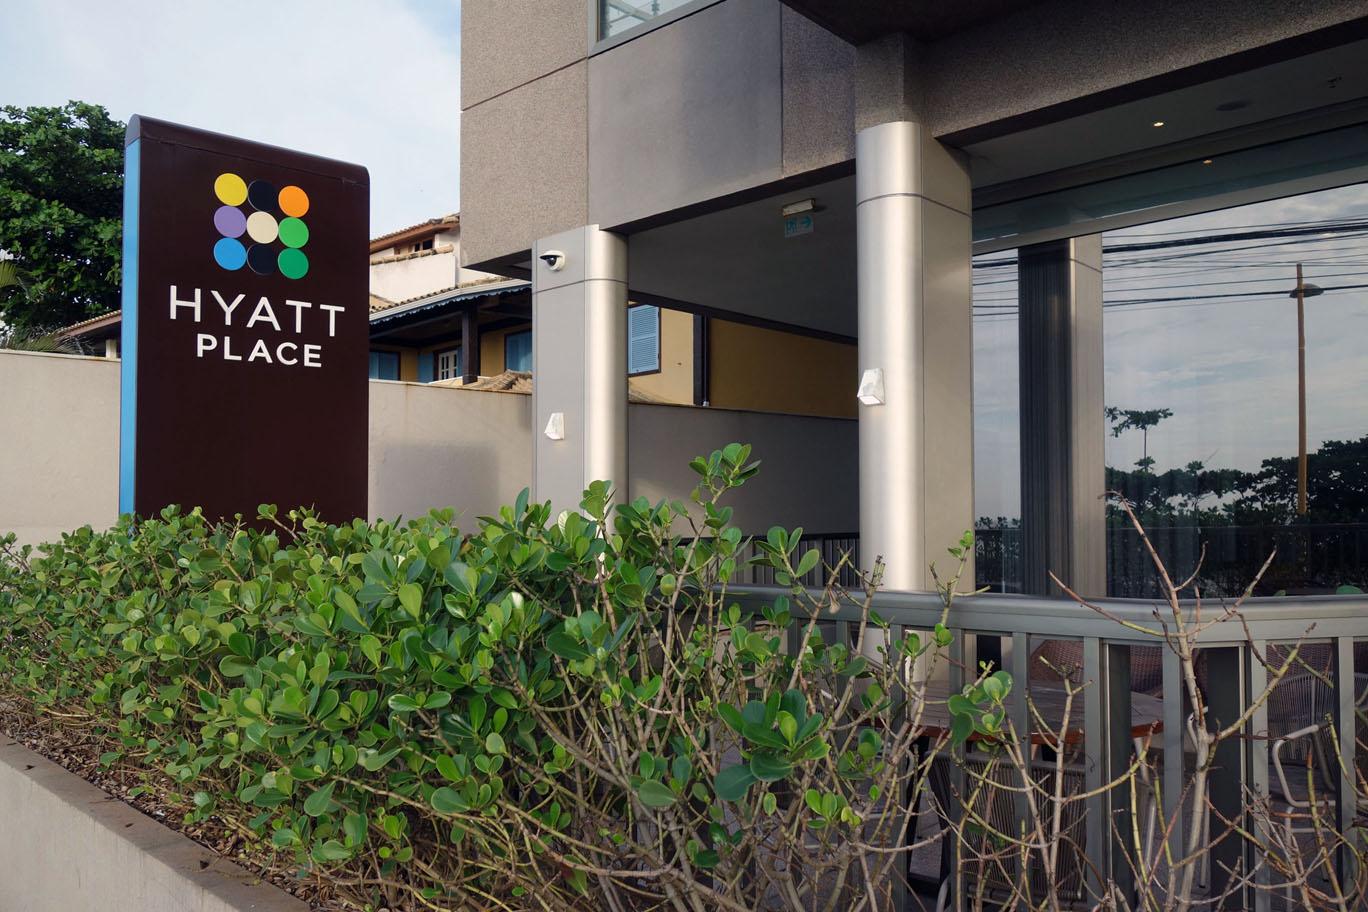 Распродажа баллов Hyatt со скидкой 25%